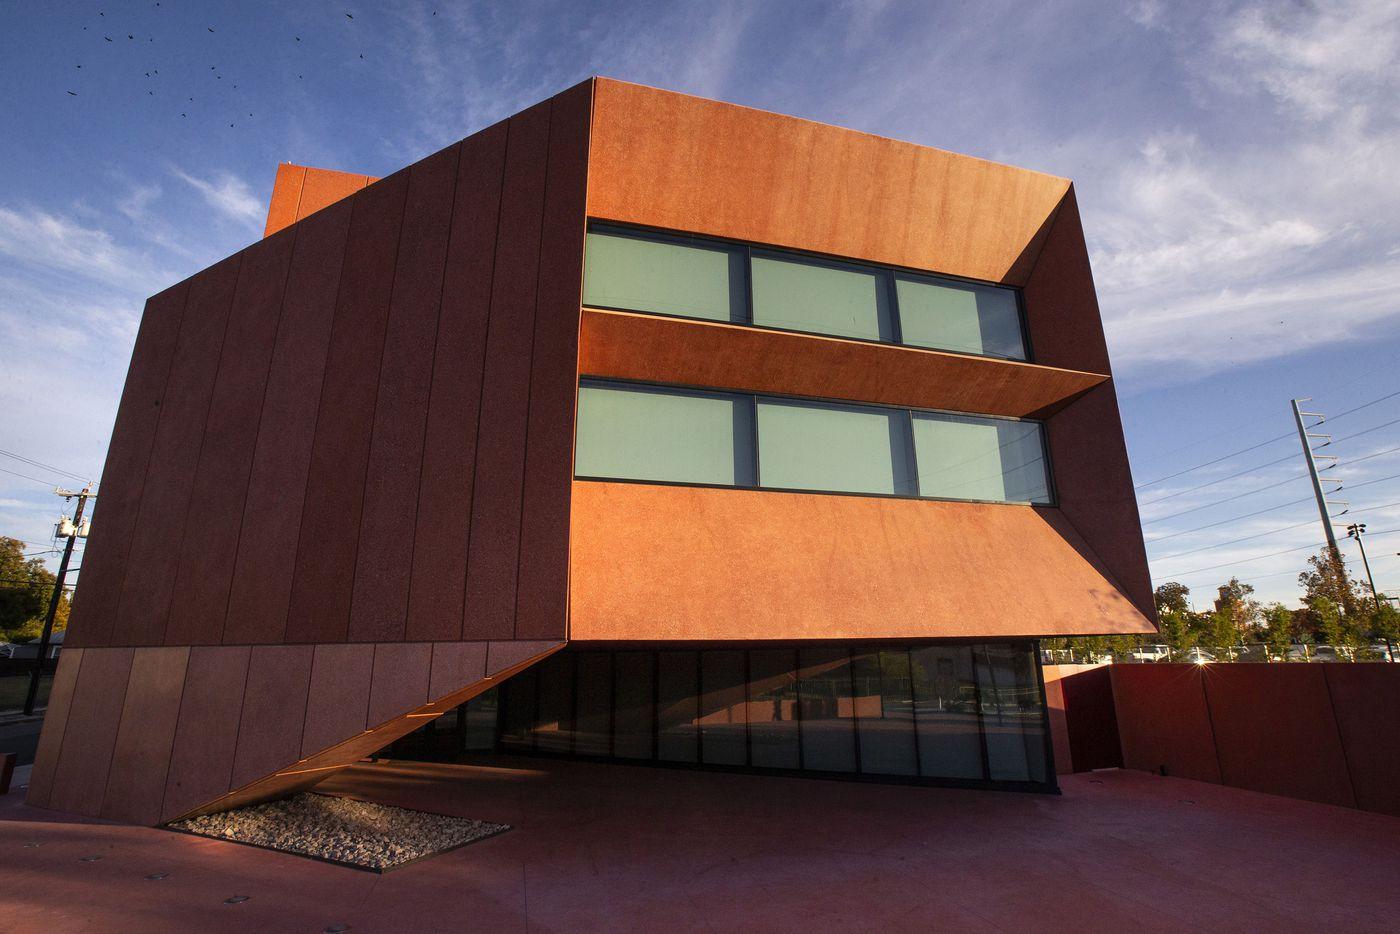 The main entrance facade of the Ruby City art center in San Antonio, Texas.